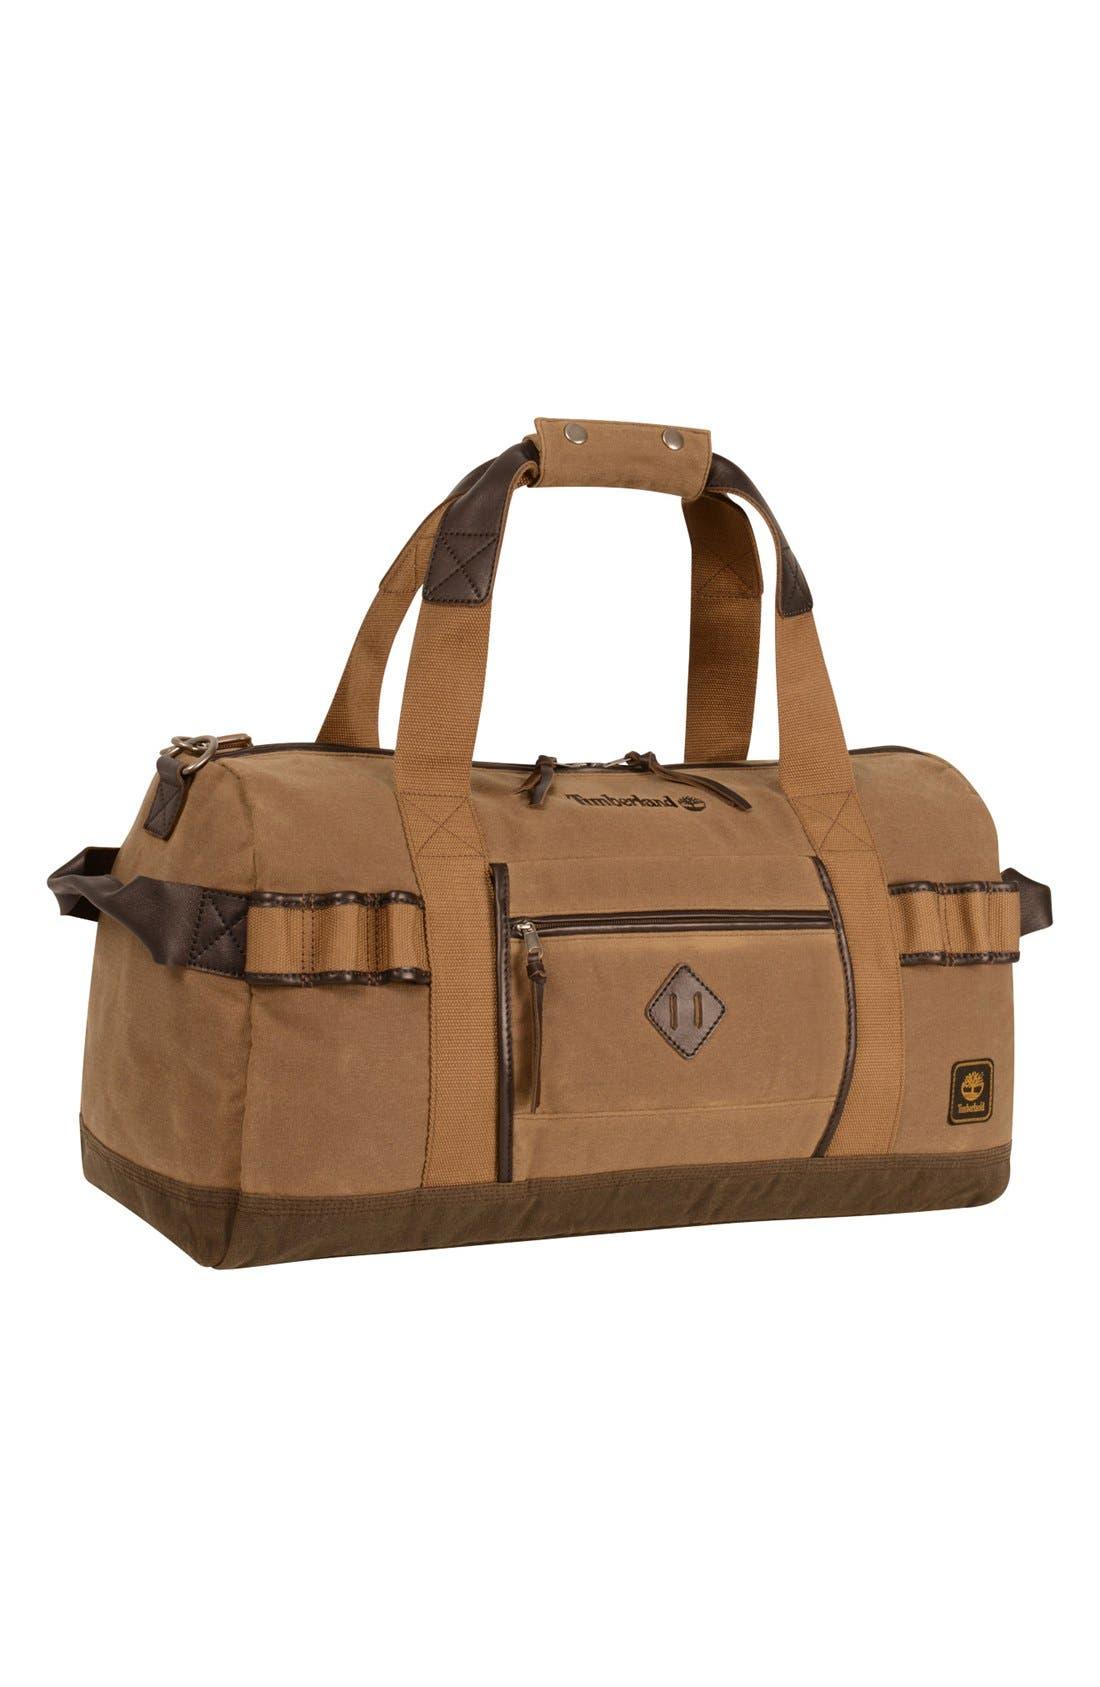 'Madison' Duffel Bag,                         Main,                         color, Tan/ Brown